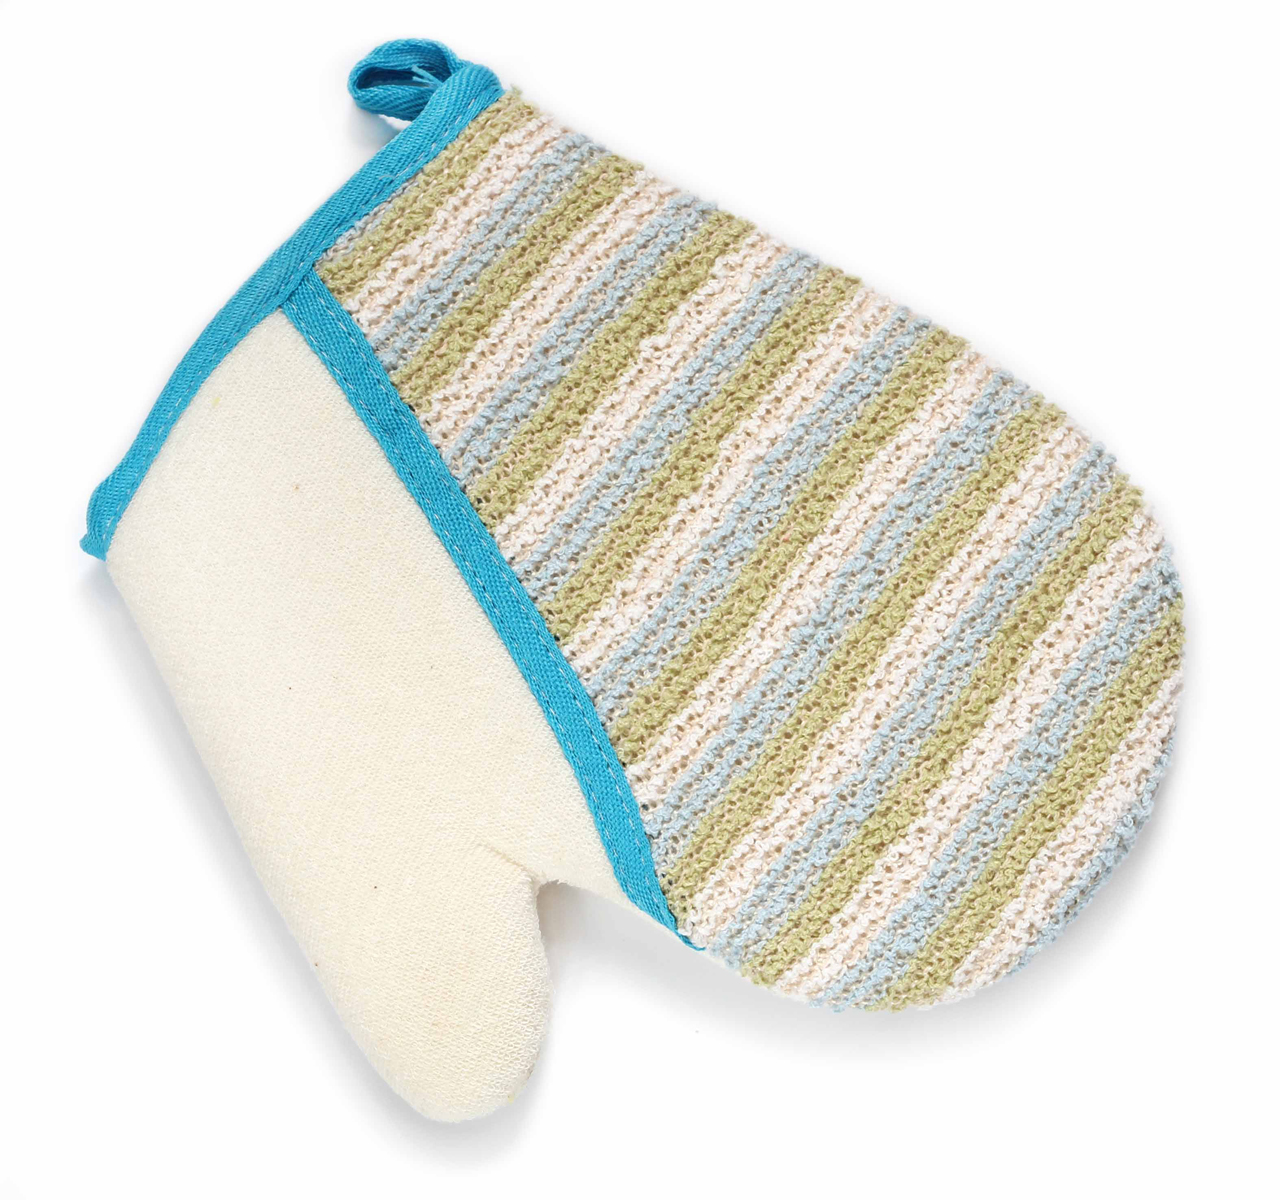 Silva Мочалка-рукавица, хлопок-сизаль, цвет: бежевый с синей голубой мочалка рукавица banika сизаль м444